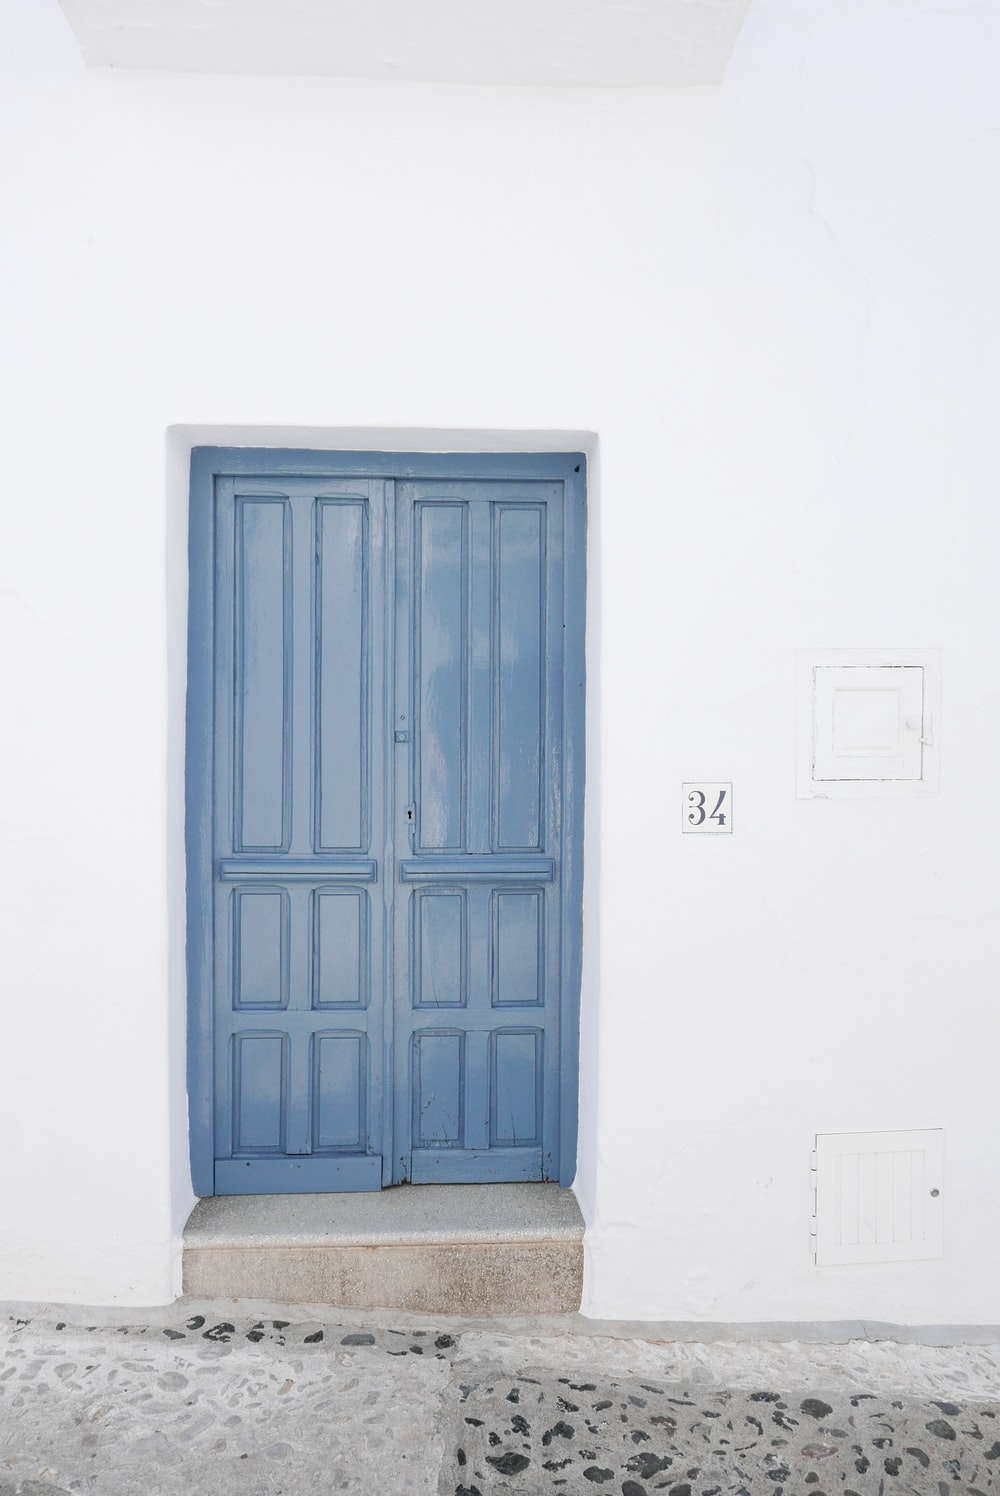 blue wooden 2-way door panel inside white room